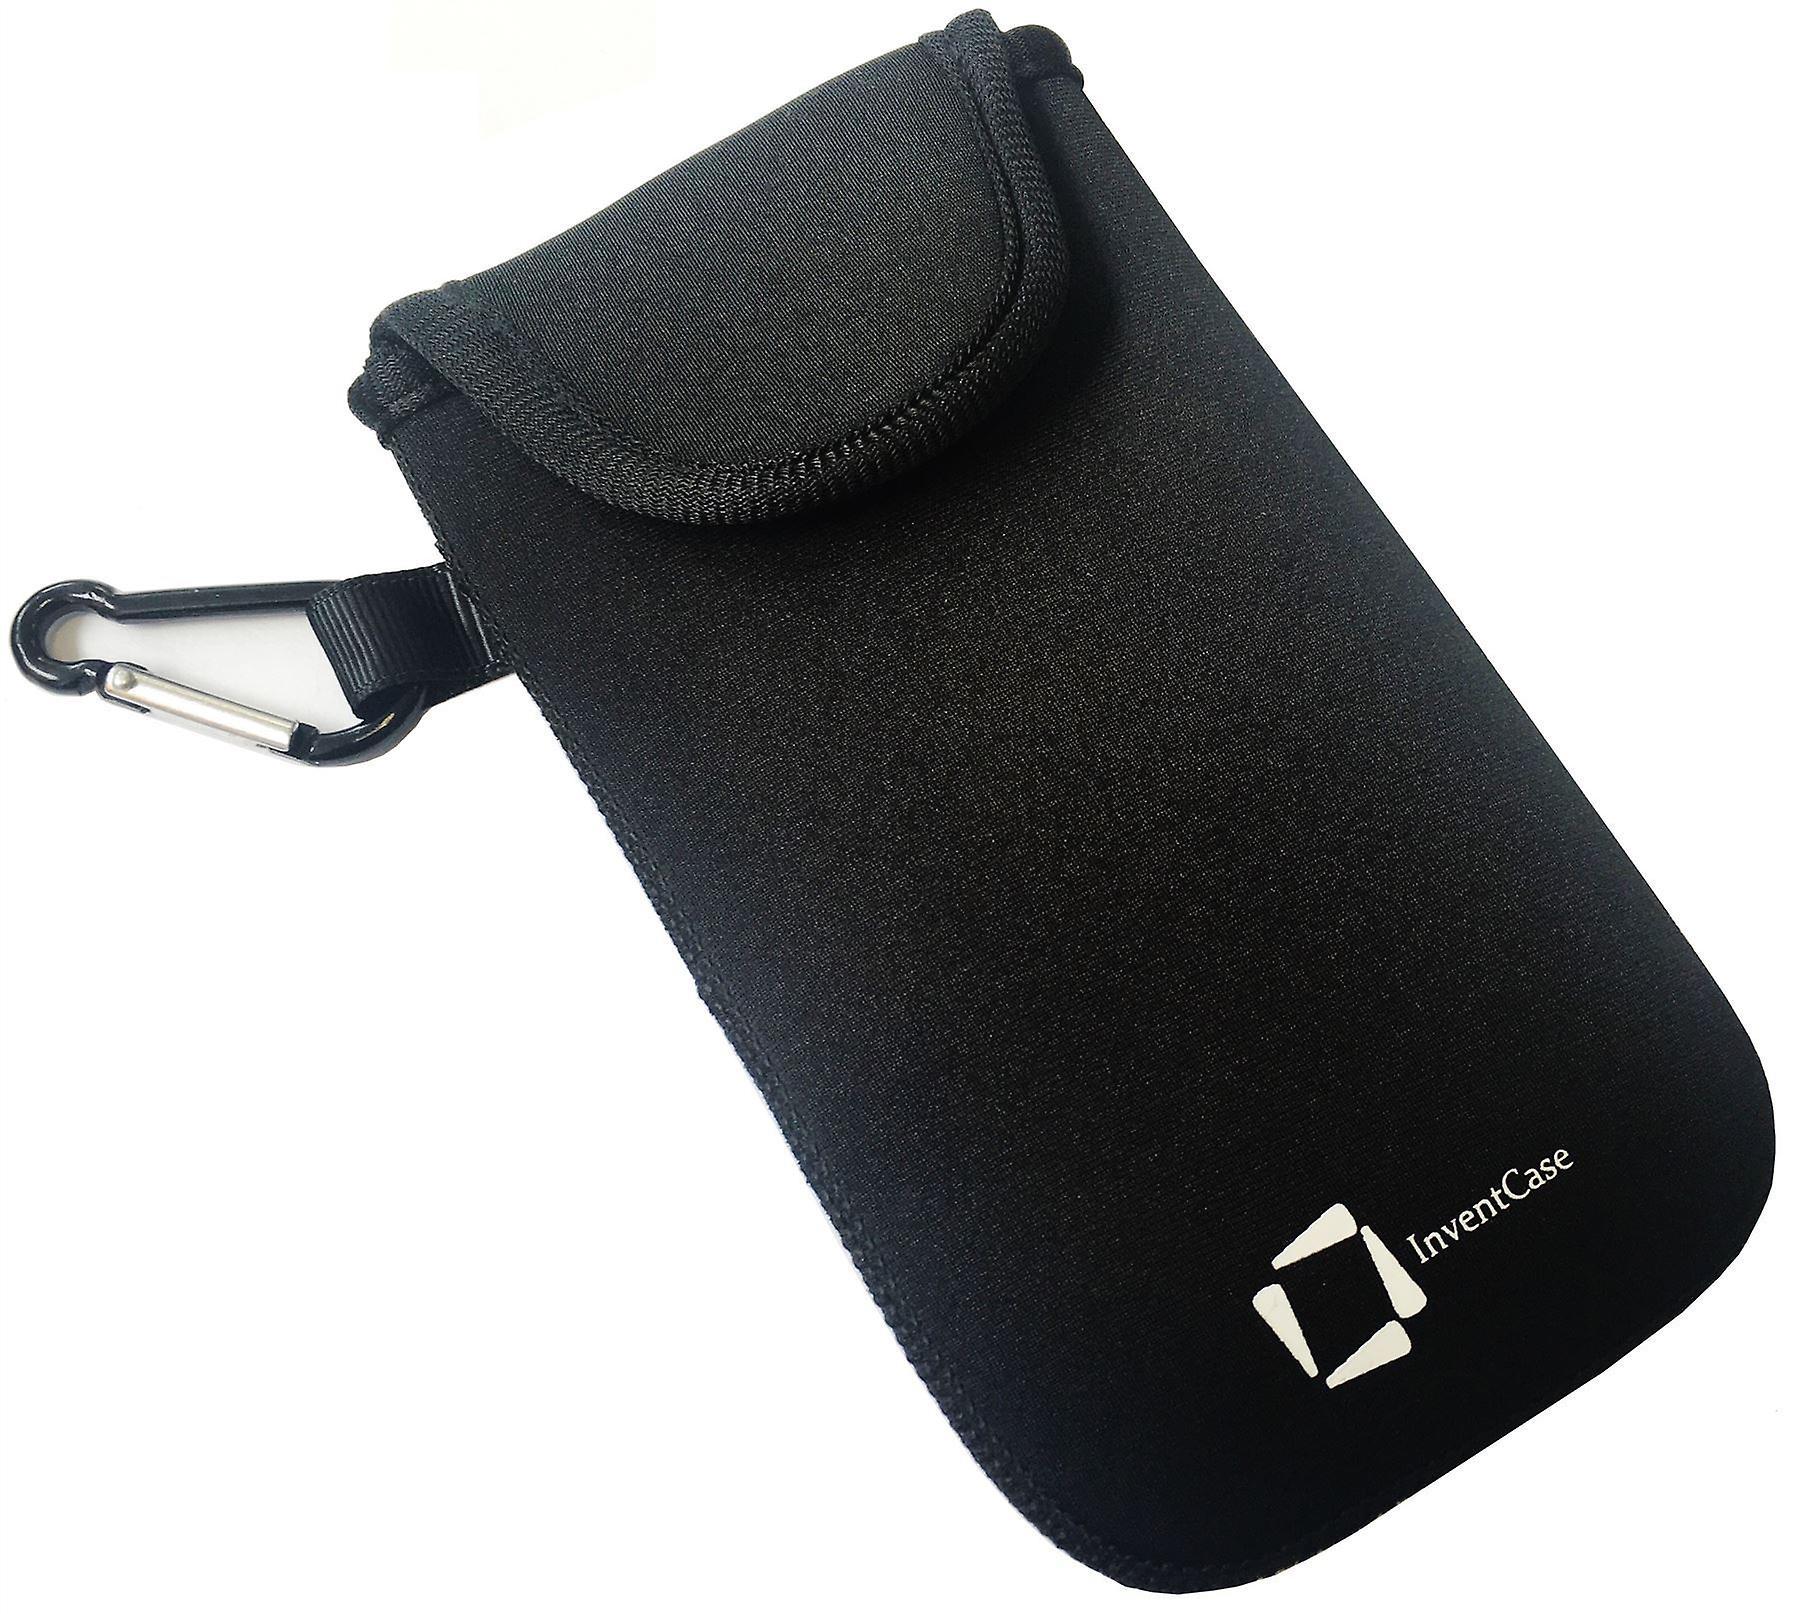 حقيبة تغطية القضية الحقيبة واقية مقاومة لتأثير النيوبرين إينفينتكاسي مع إغلاق Velcro والألمنيوم Carabiner على سامسونج جالاكسى ملاحظة 3 النيو-أسود